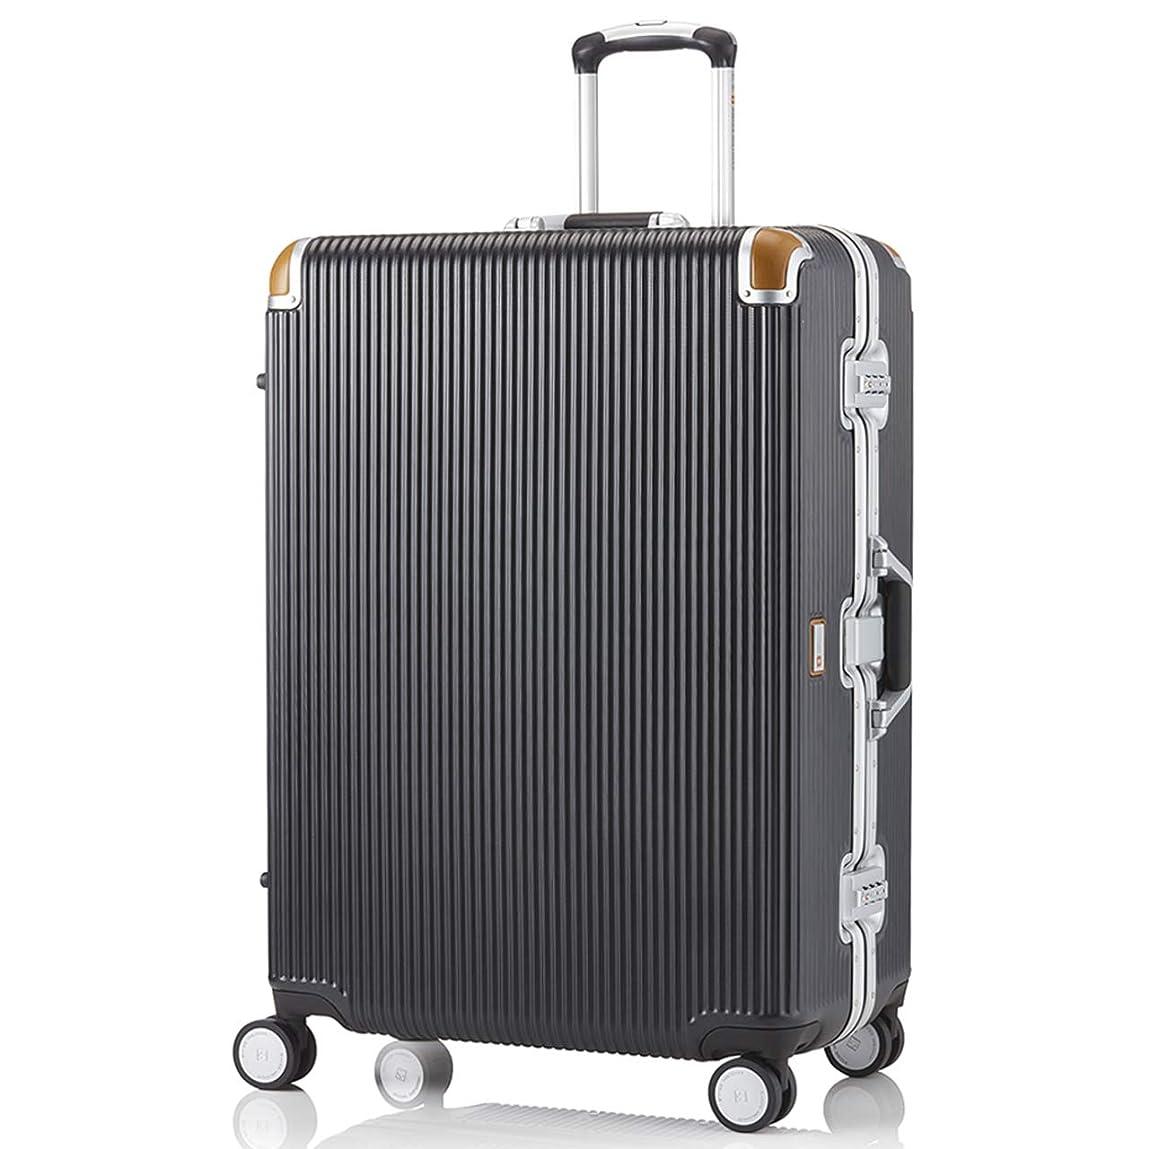 ネコ副産物スキャンダル[スイスミリタリー] Premium プレミアム スーツケース Type C アルミフレームタイプ 天然皮革プロテクター TSAロック ウレタン素材ダブルキャスター 軽量 傷防止 一年保証 [SWISS MILITARY]